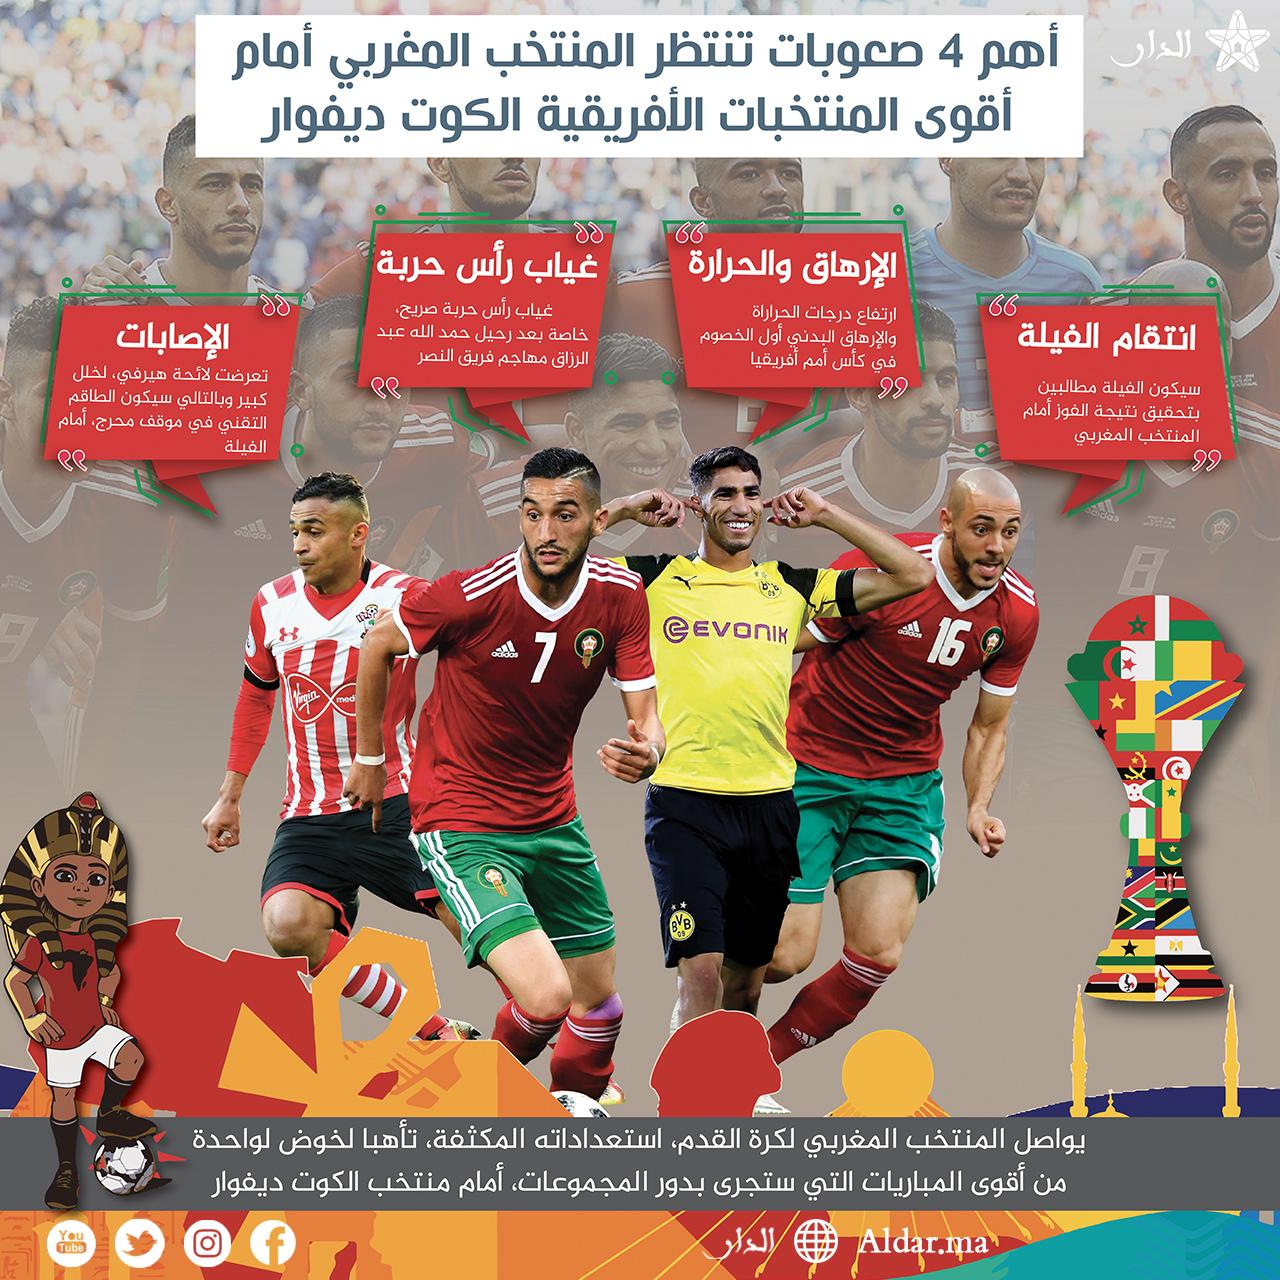 Photo of أهم 4 صعوبات تنتظر المنتخب المغربي أمام أقوى المنتخبات الأفريقية الكوت ديفوار